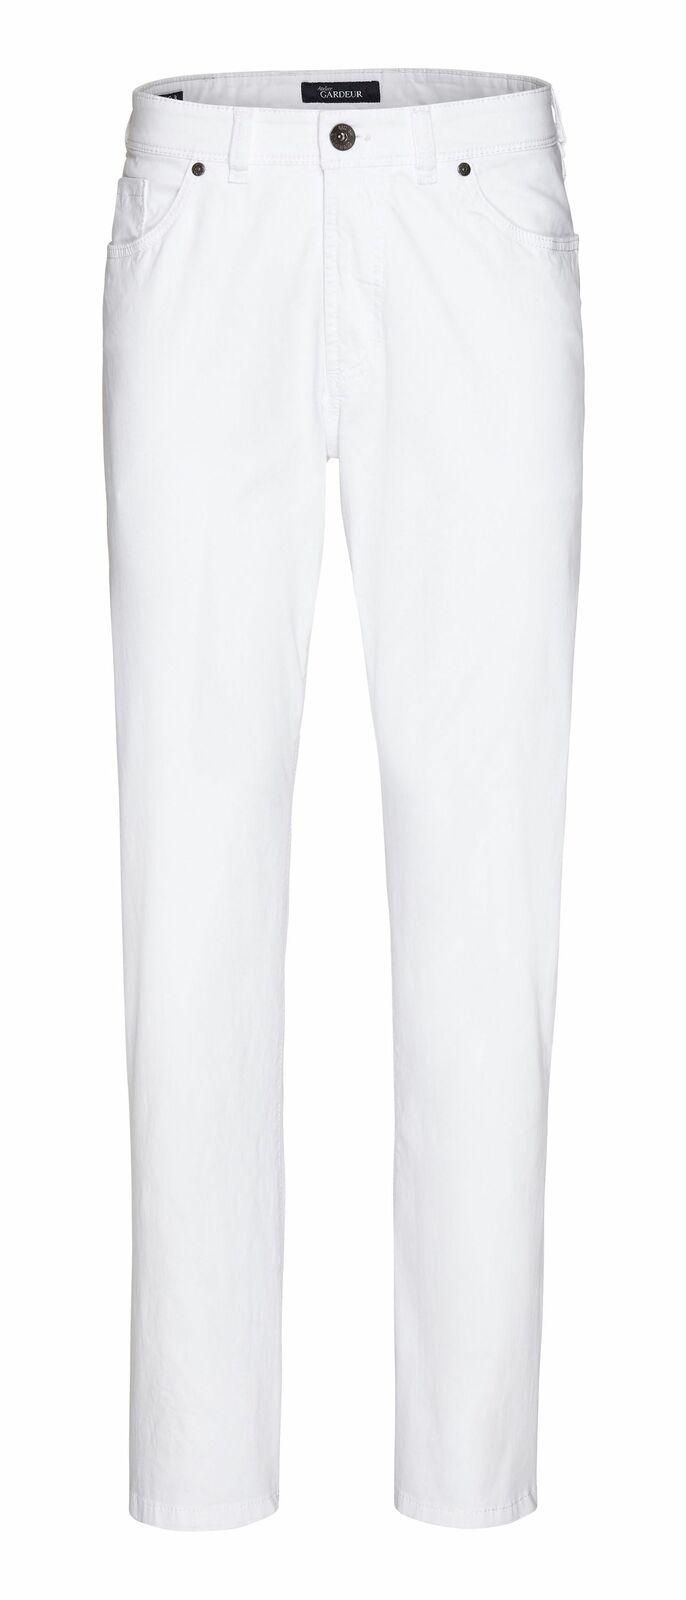 Atelier Gardeur-uomo 5 tasche jeans, Nevio - 8 (410941)